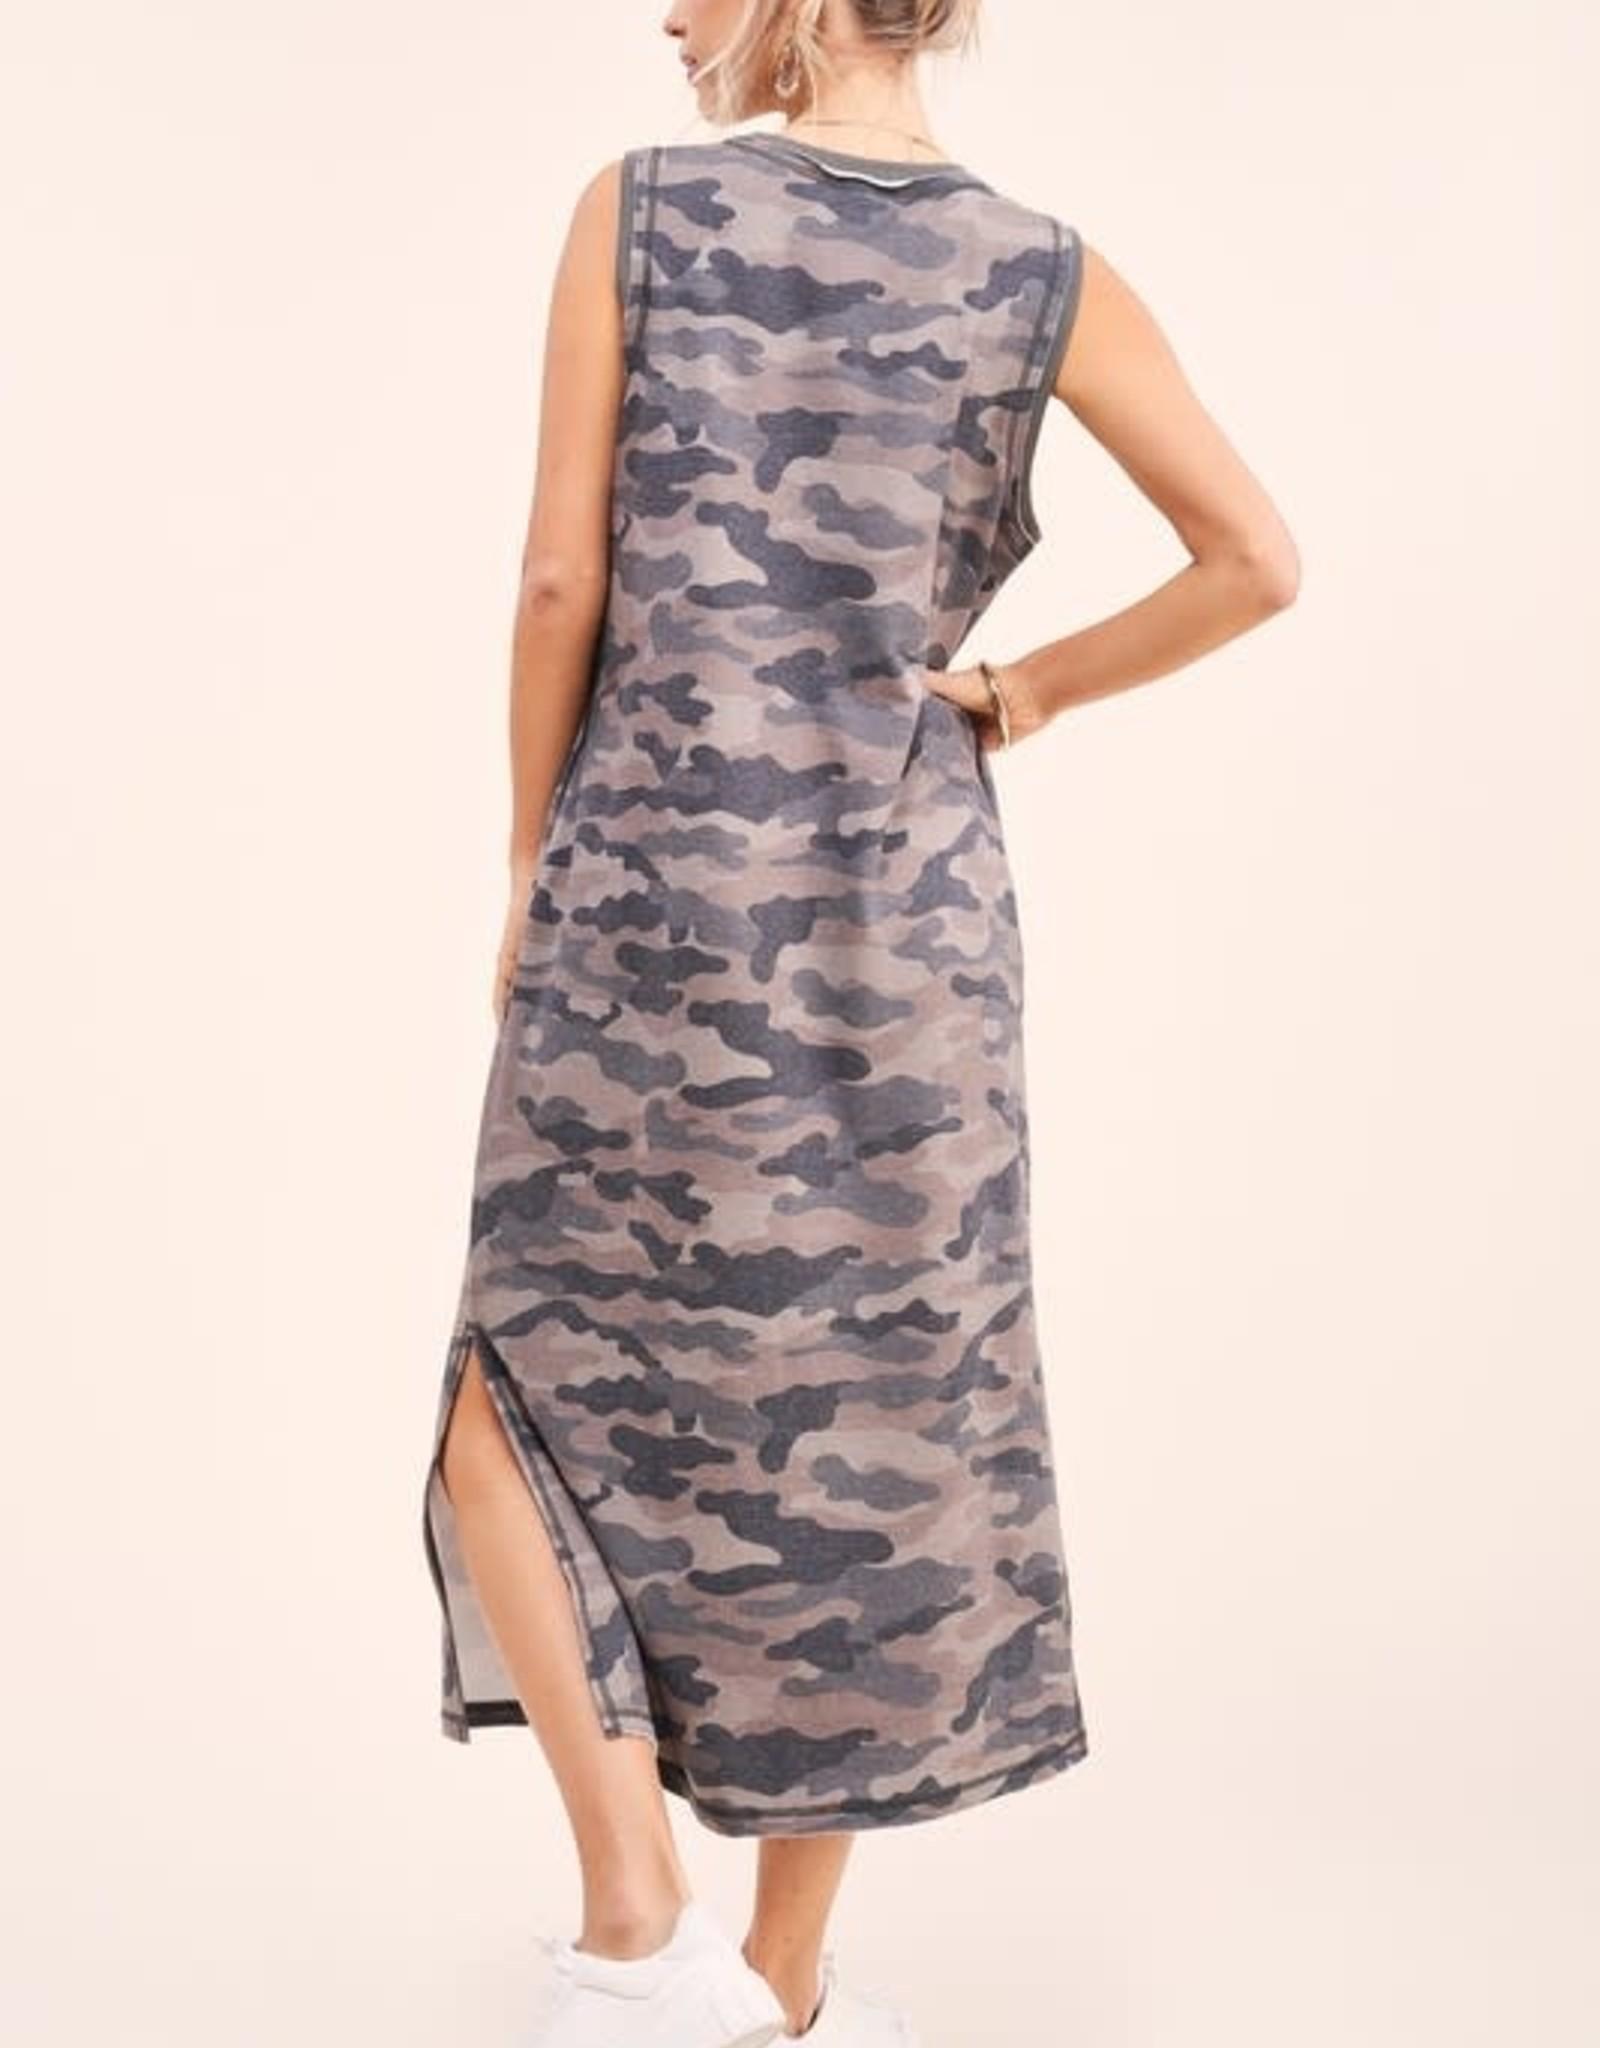 La Miel Camo Sleeveless Dress